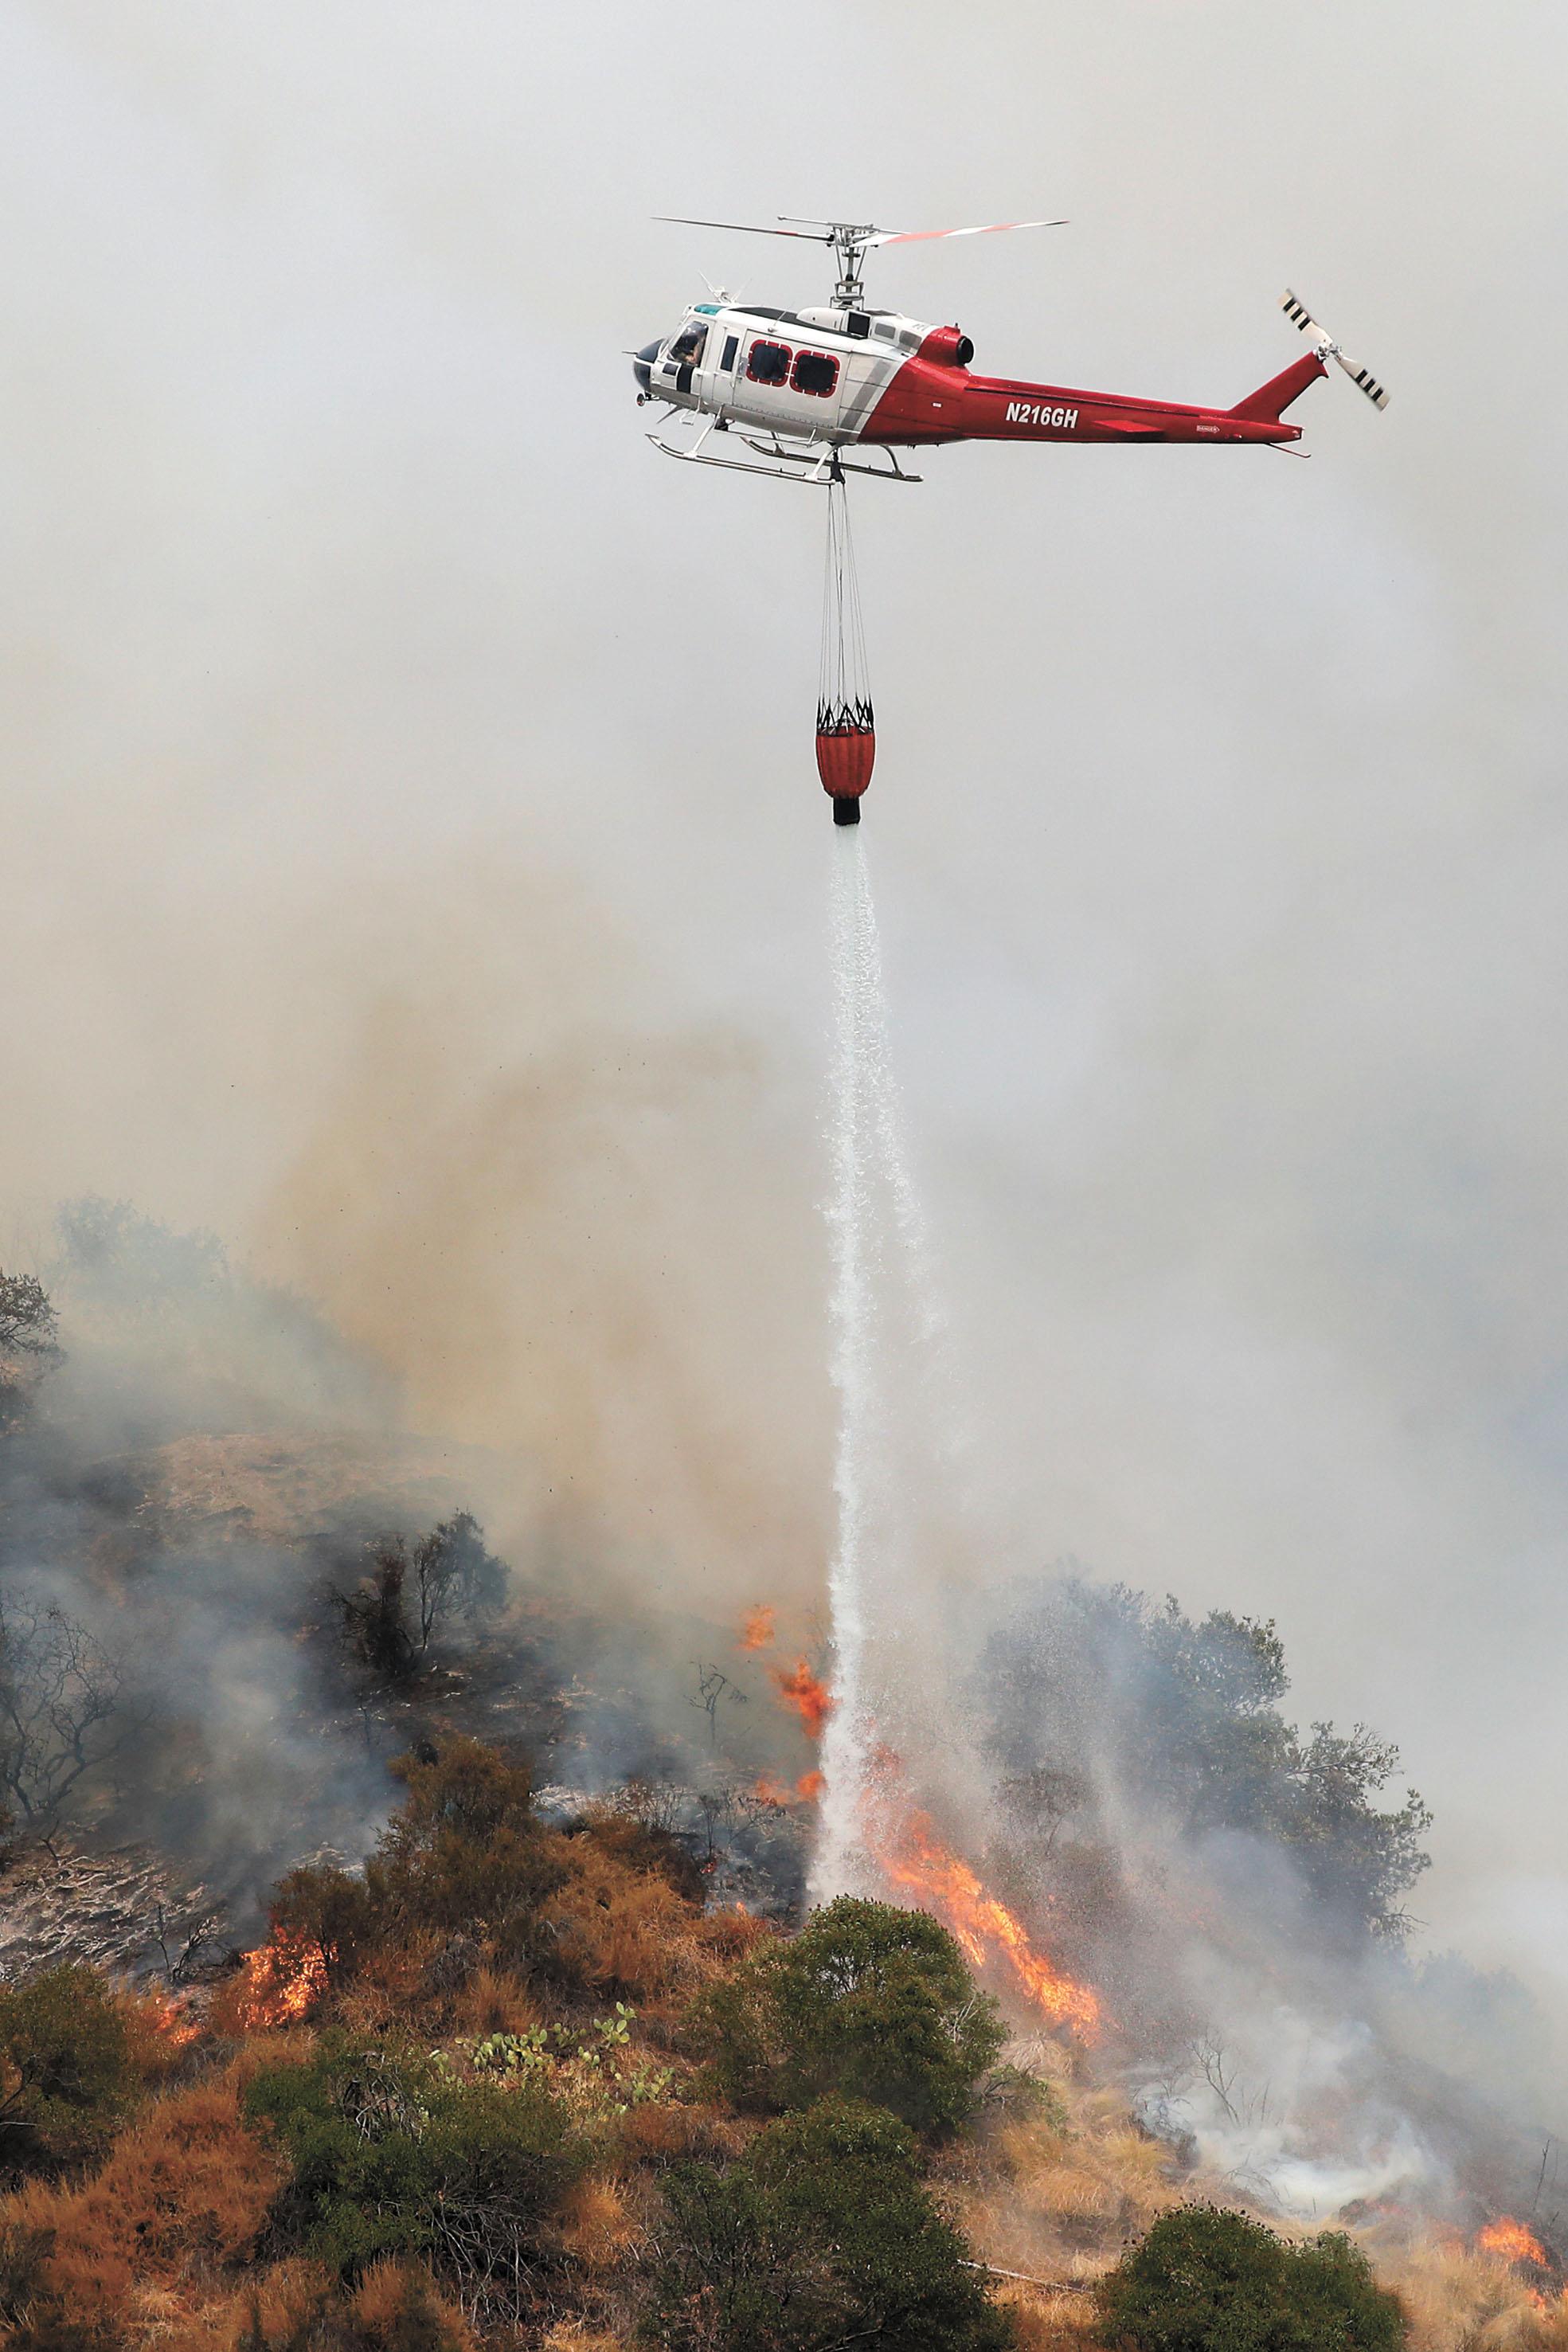 美國南加州山貓山火延燒面積已有3.2萬畝。路透社